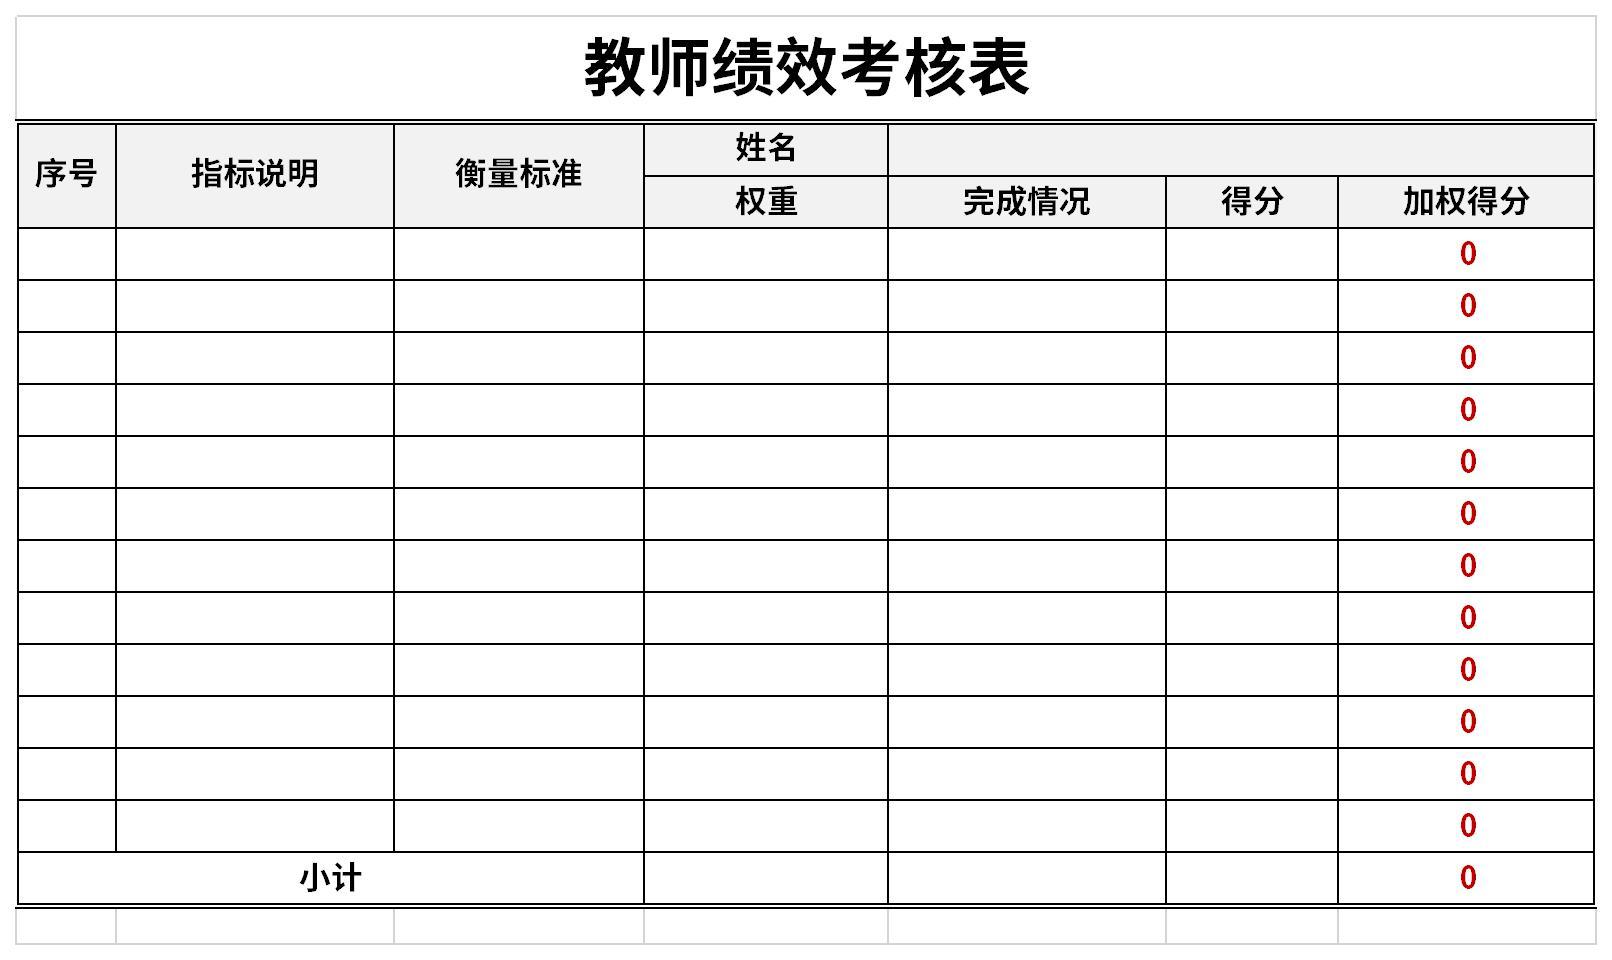 教师绩效考核表截图